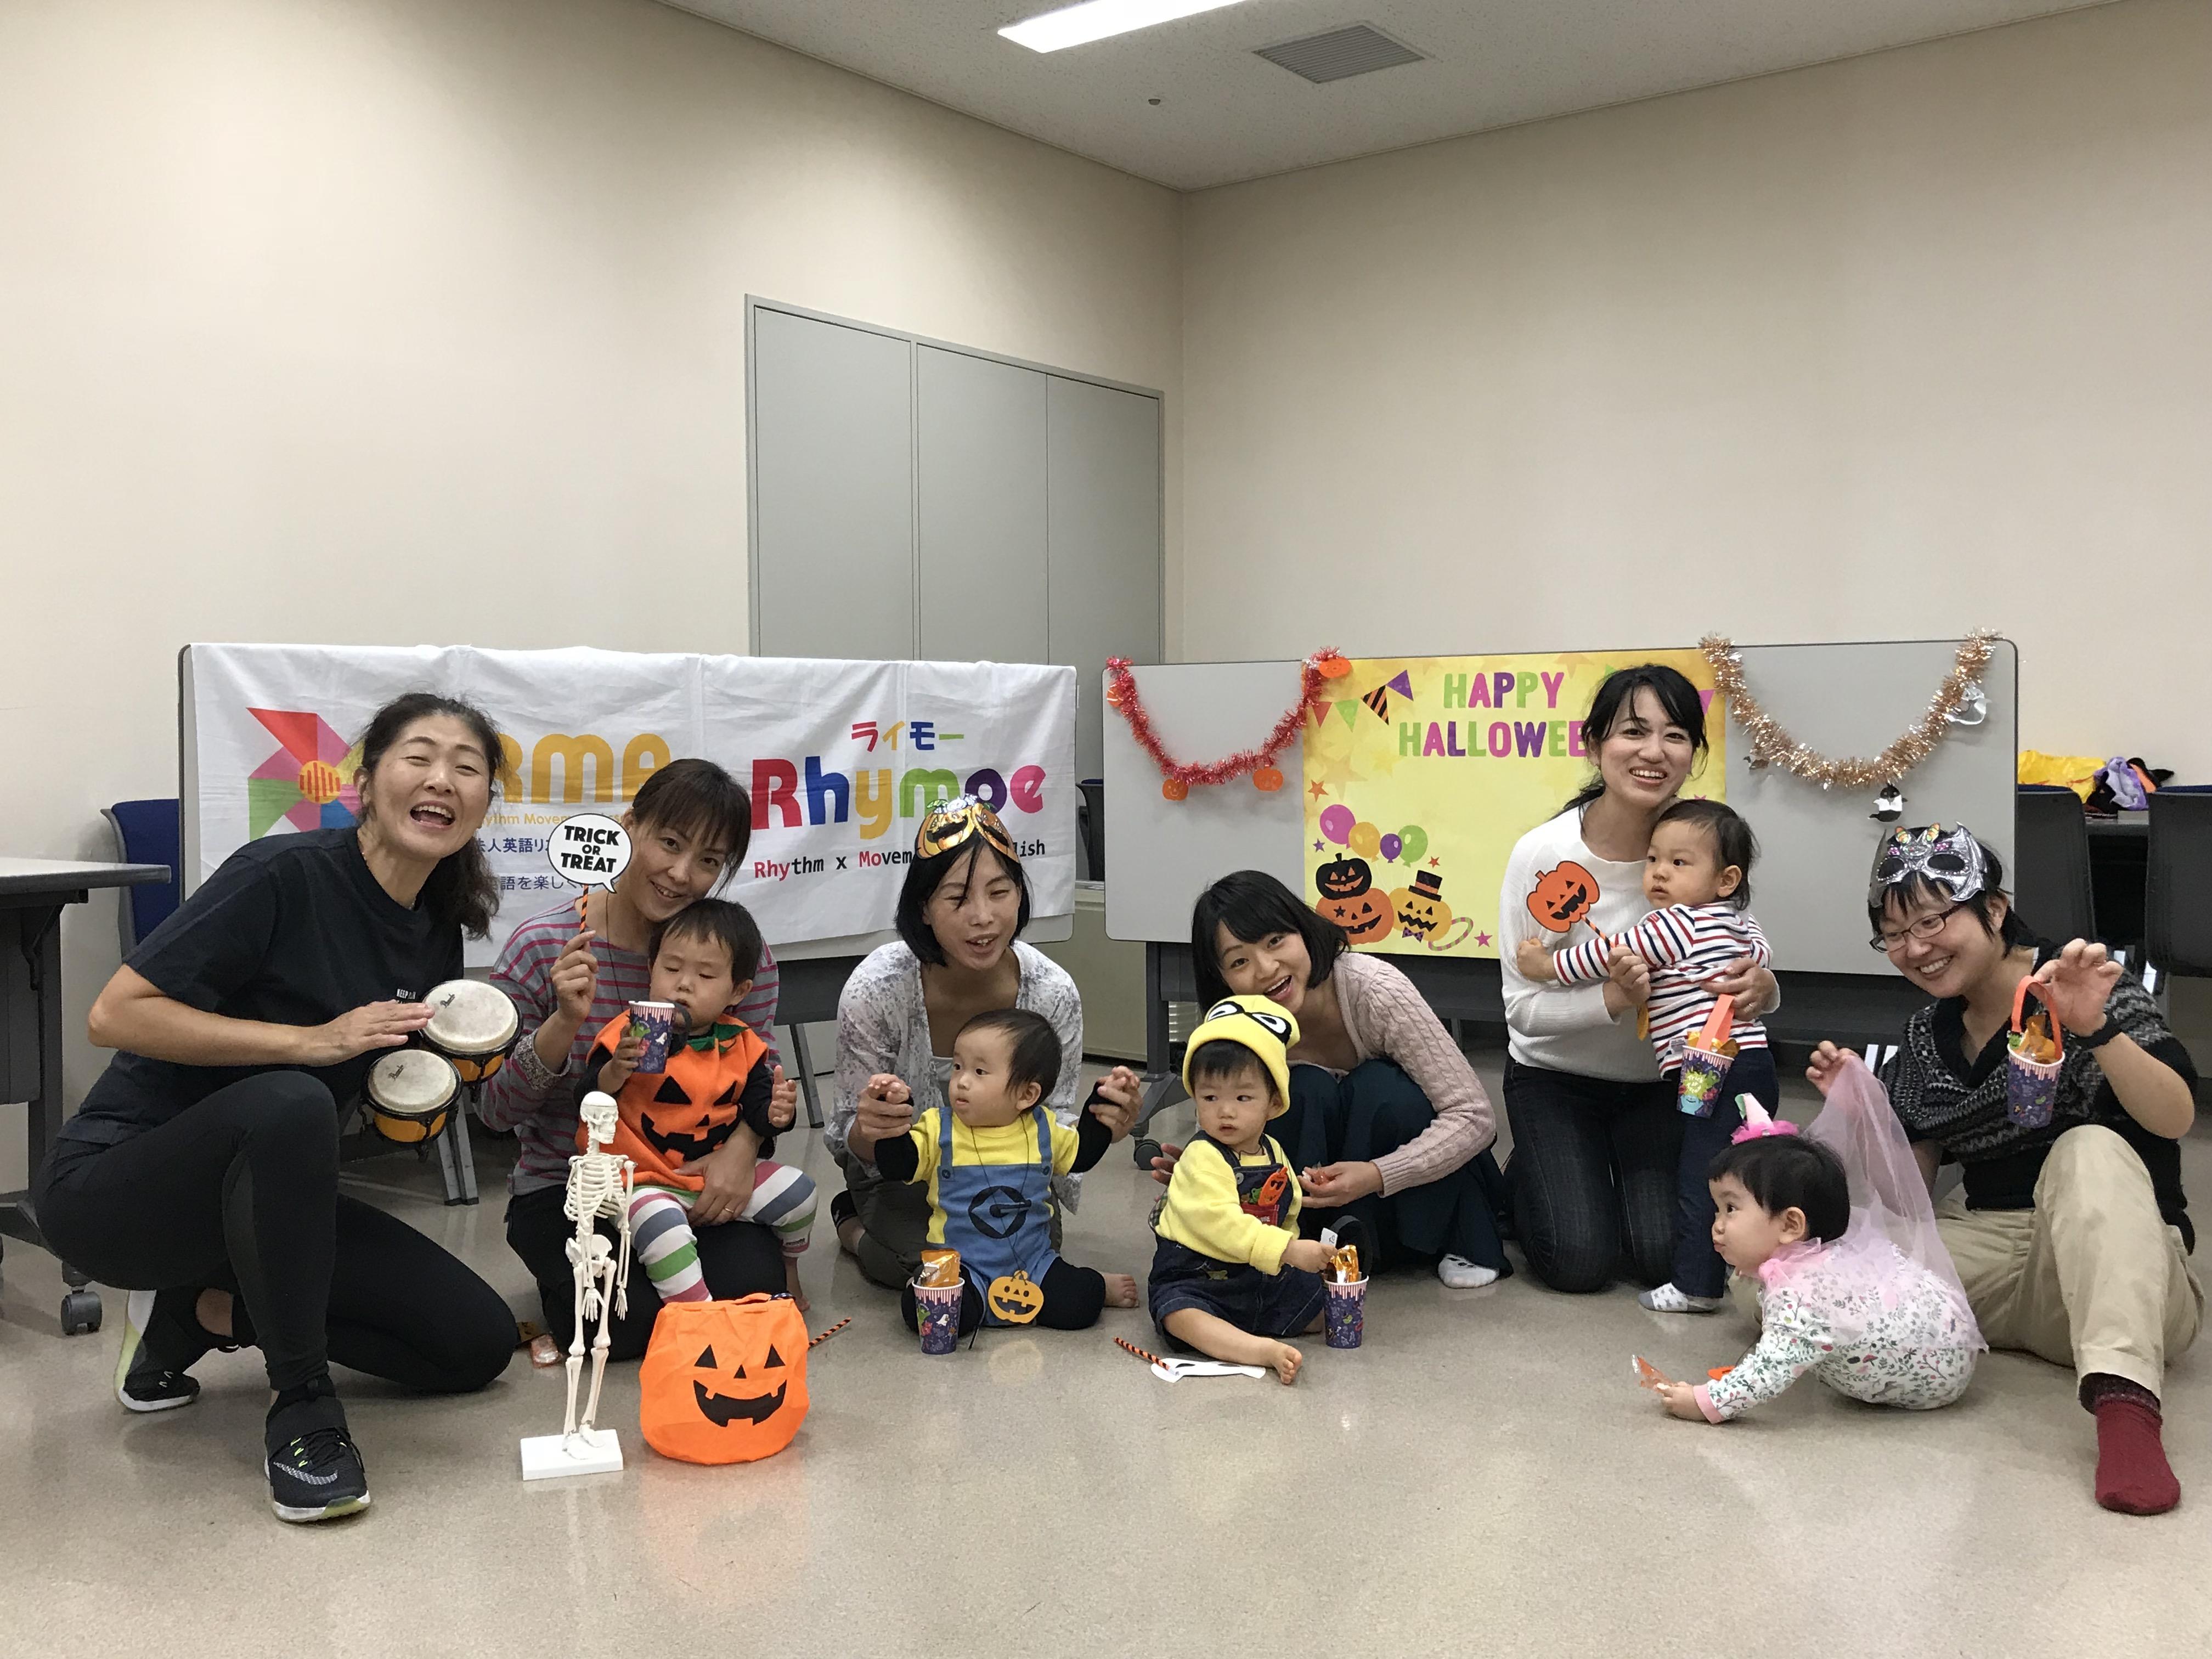 明石Rhymoe Baby&Kids Halloweenバージョン第2弾